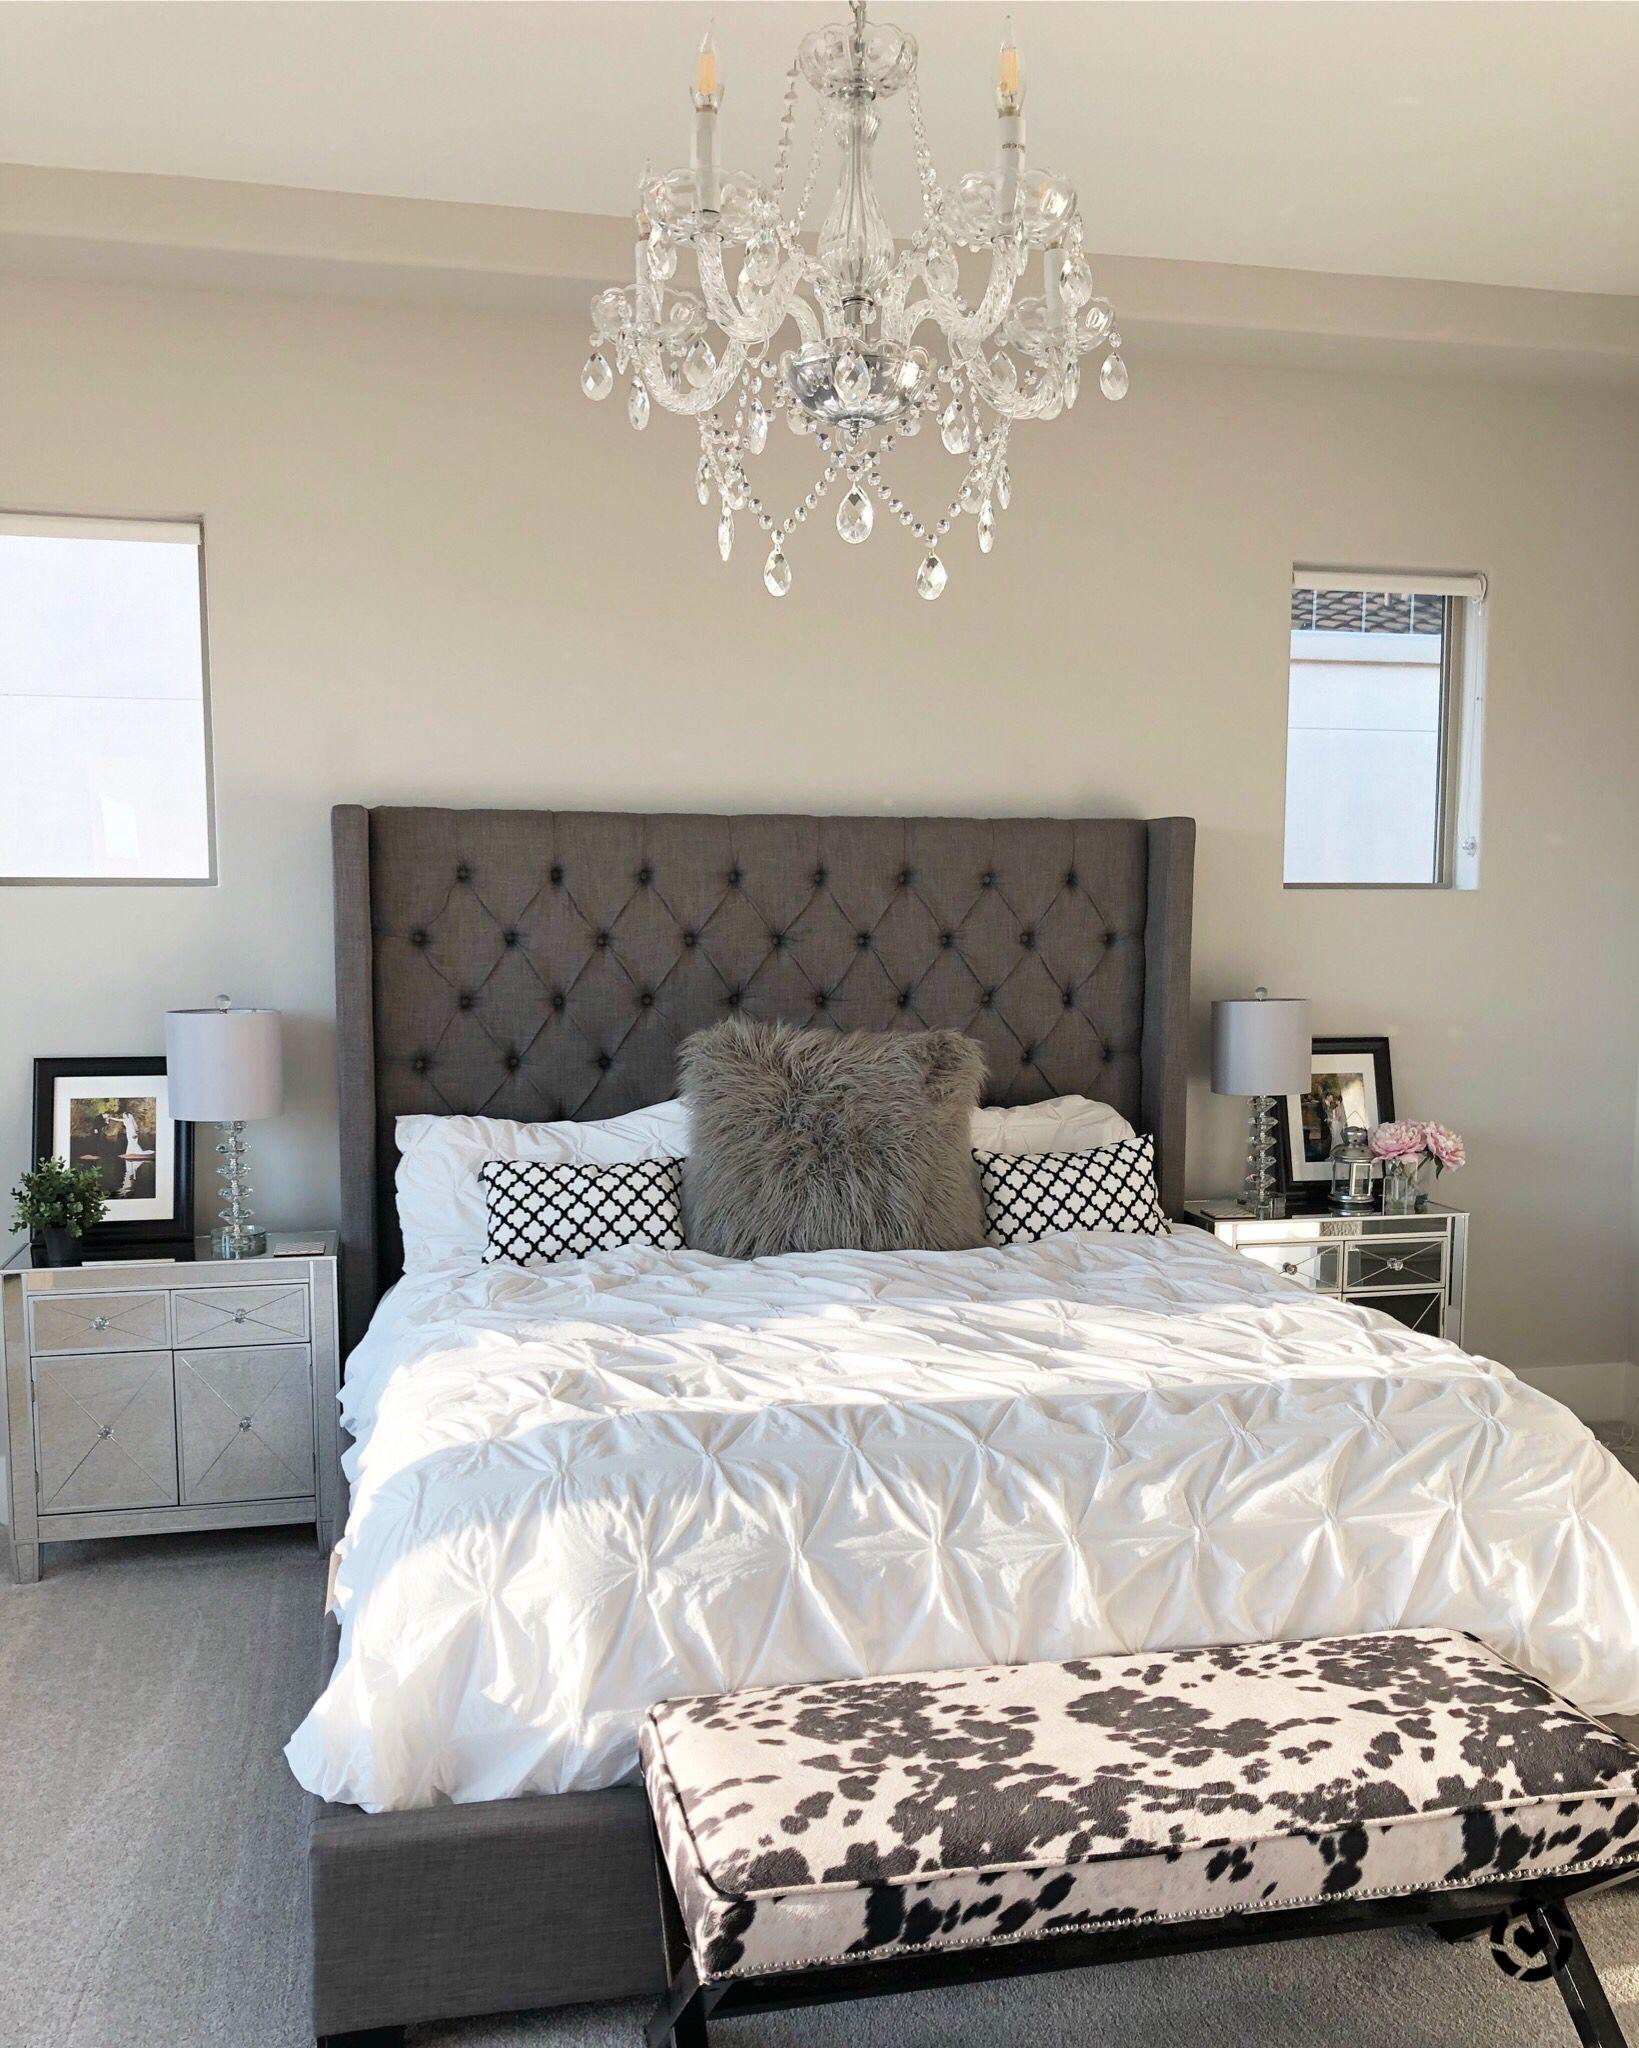 Modern Farmhouse Glam Girl's (& guy's) Master Bedroom